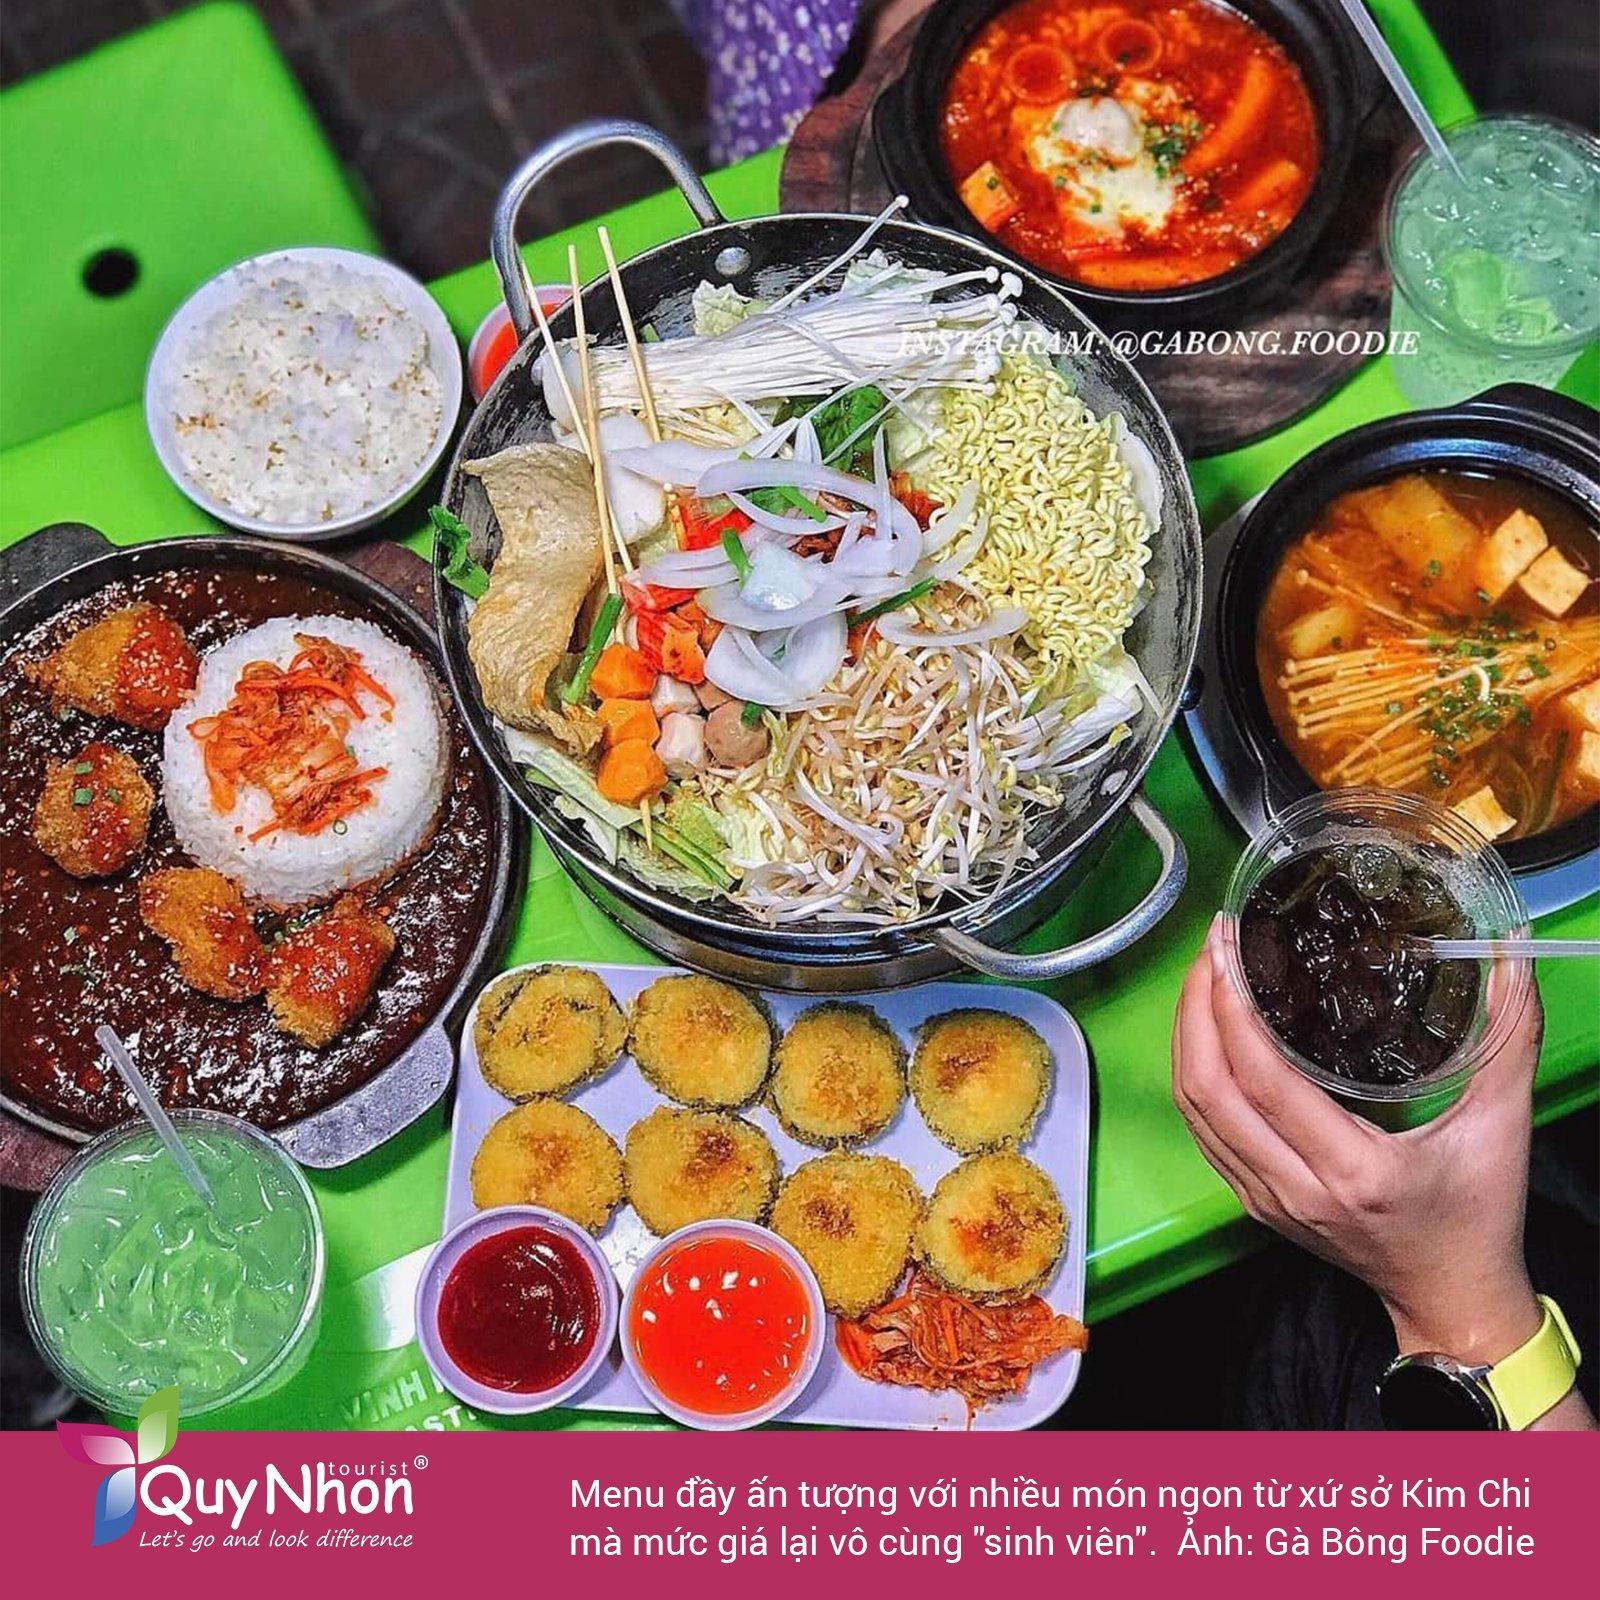 Ăn vặt Quy Nhơn - những món được ưa chuộng nhất tại Pepa Kitchen